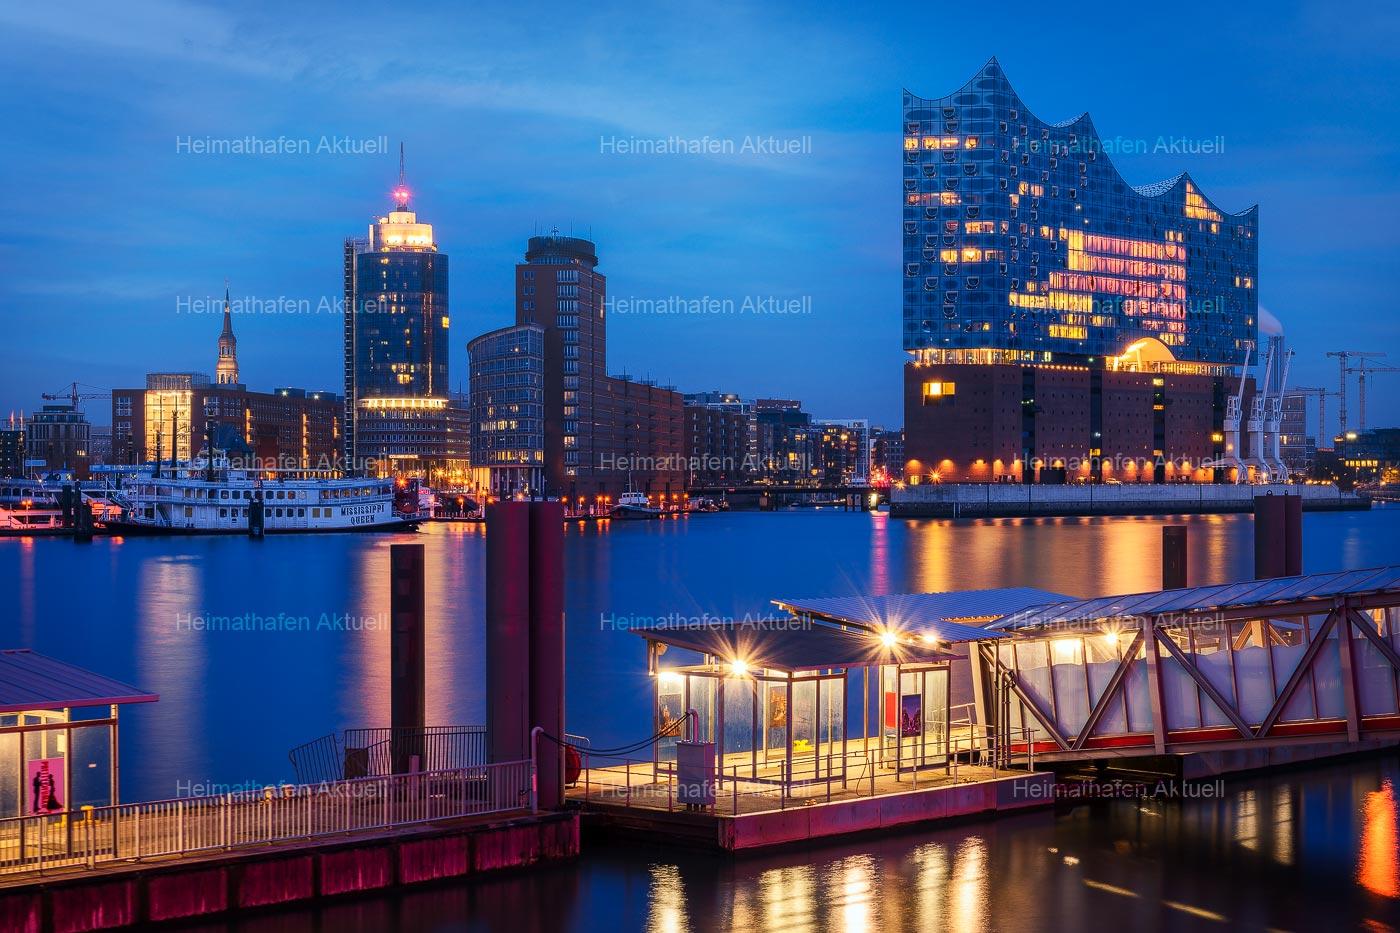 Hamburg Bilder im Großformat